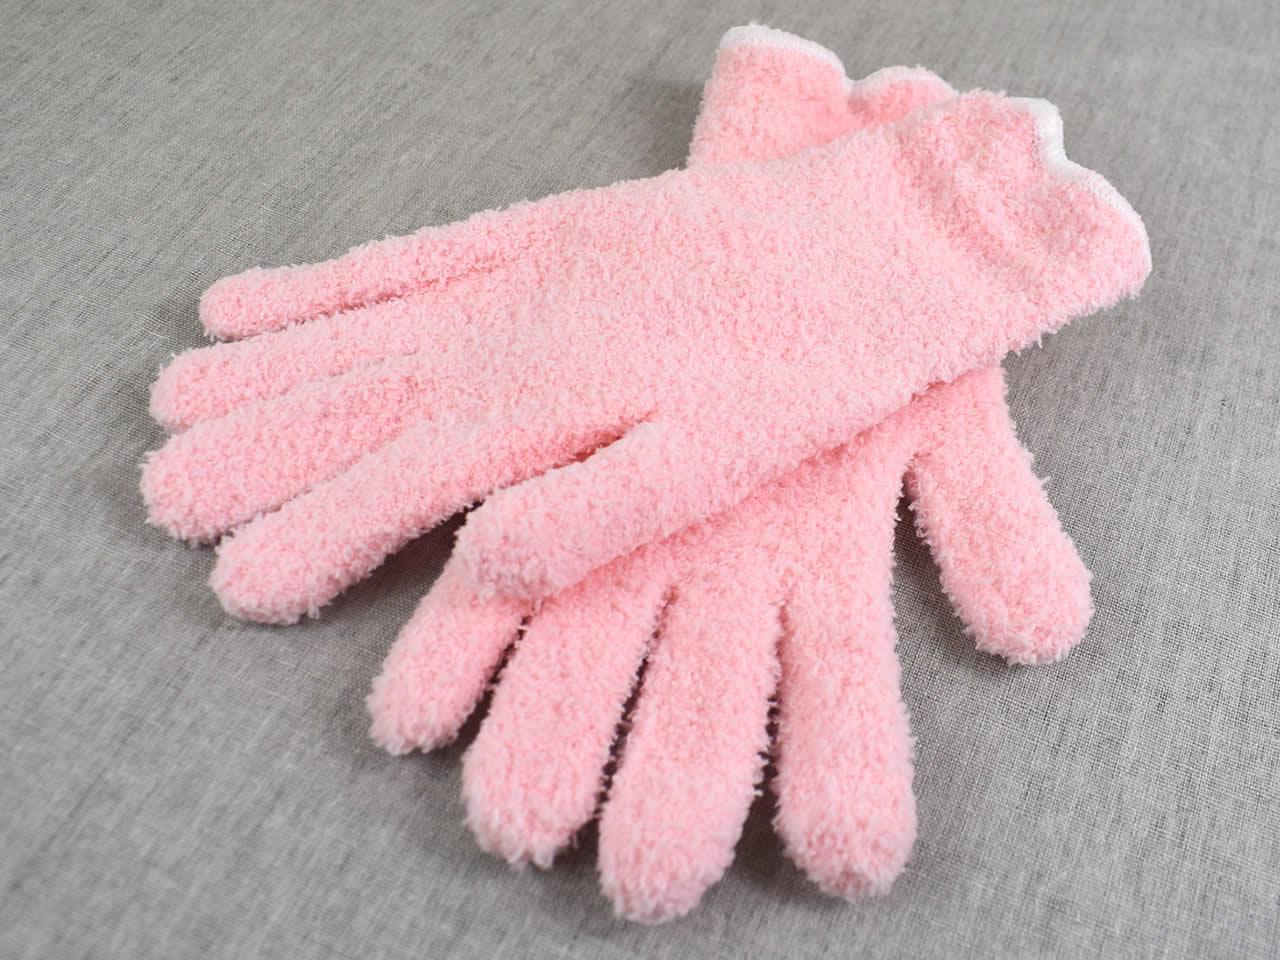 画像: ホコリや汚れをパパっと掃除できる「マイクロファイバーお掃除手袋」